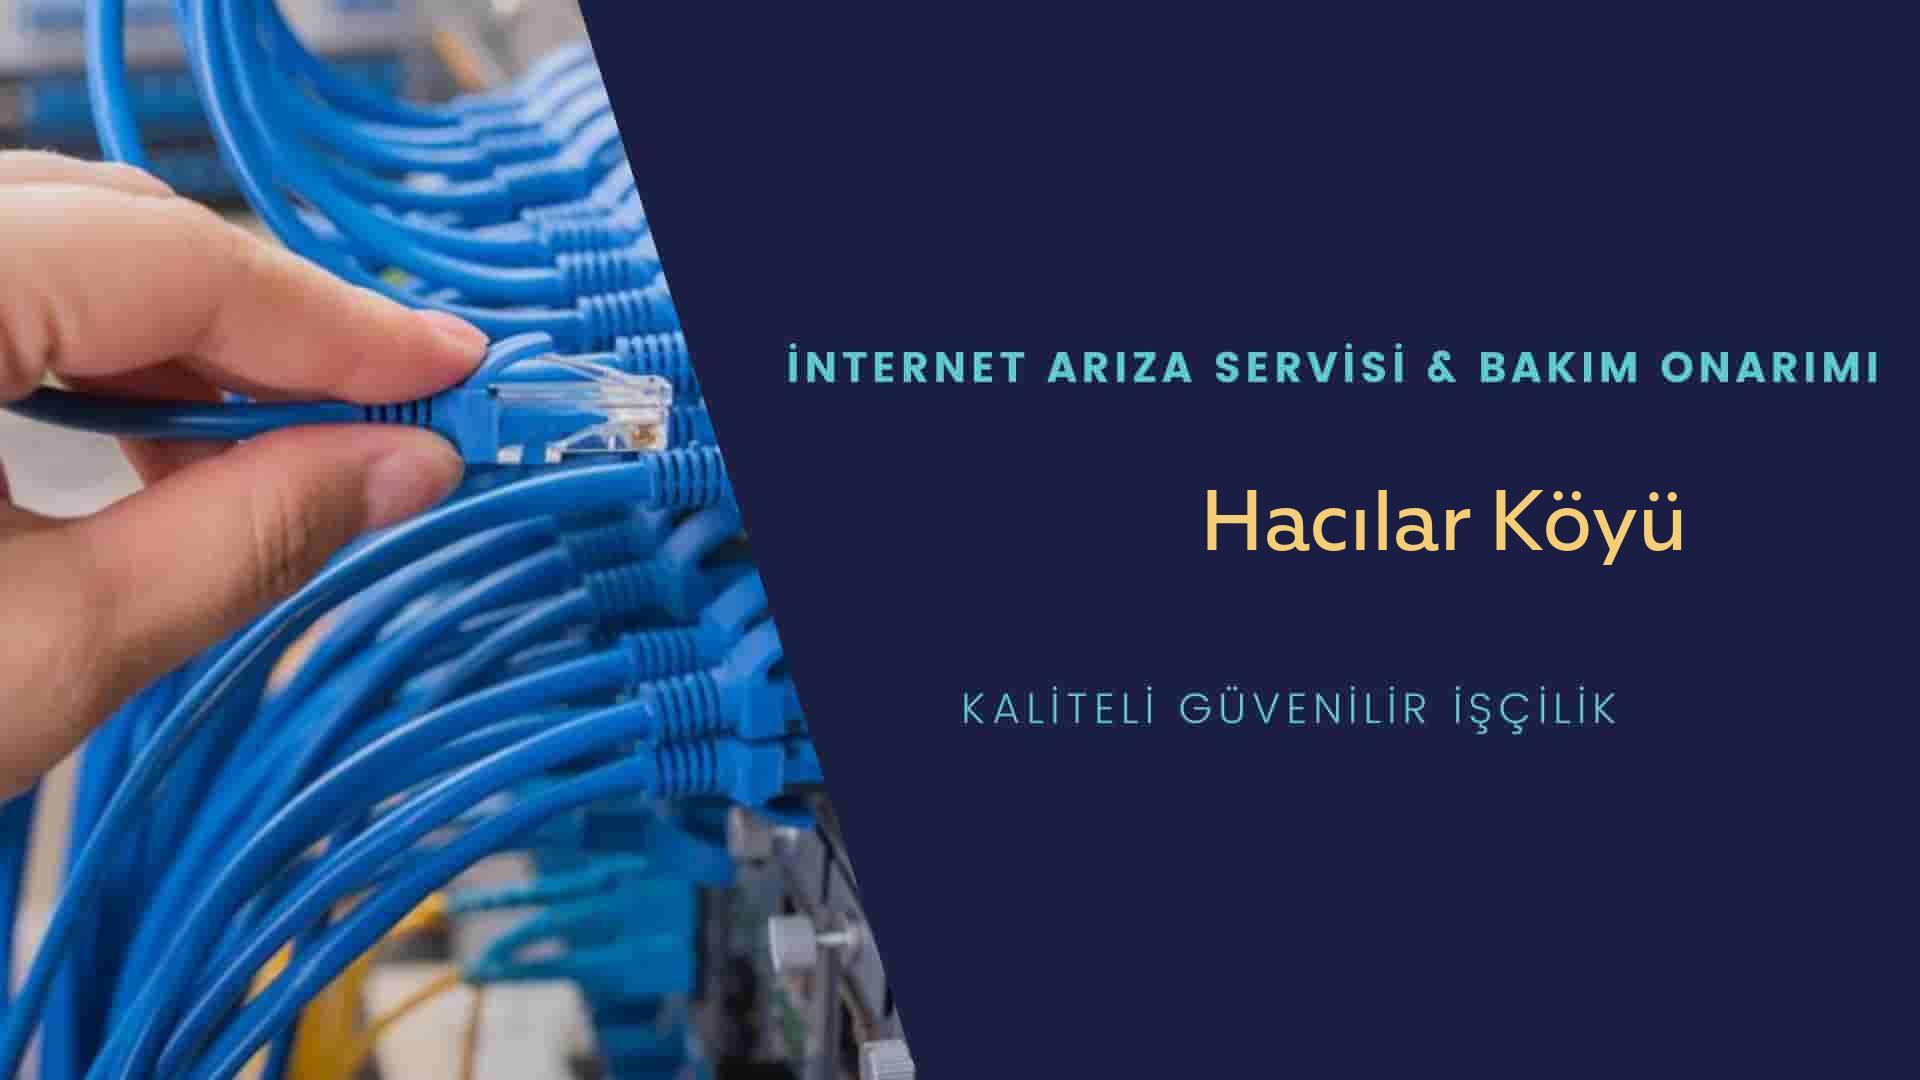 Hacılar Köyü internet kablosu çekimi yapan yerler veya elektrikçiler mi? arıyorsunuz doğru yerdesiniz o zaman sizlere 7/24 yardımcı olacak profesyonel ustalarımız bir telefon kadar yakındır size.